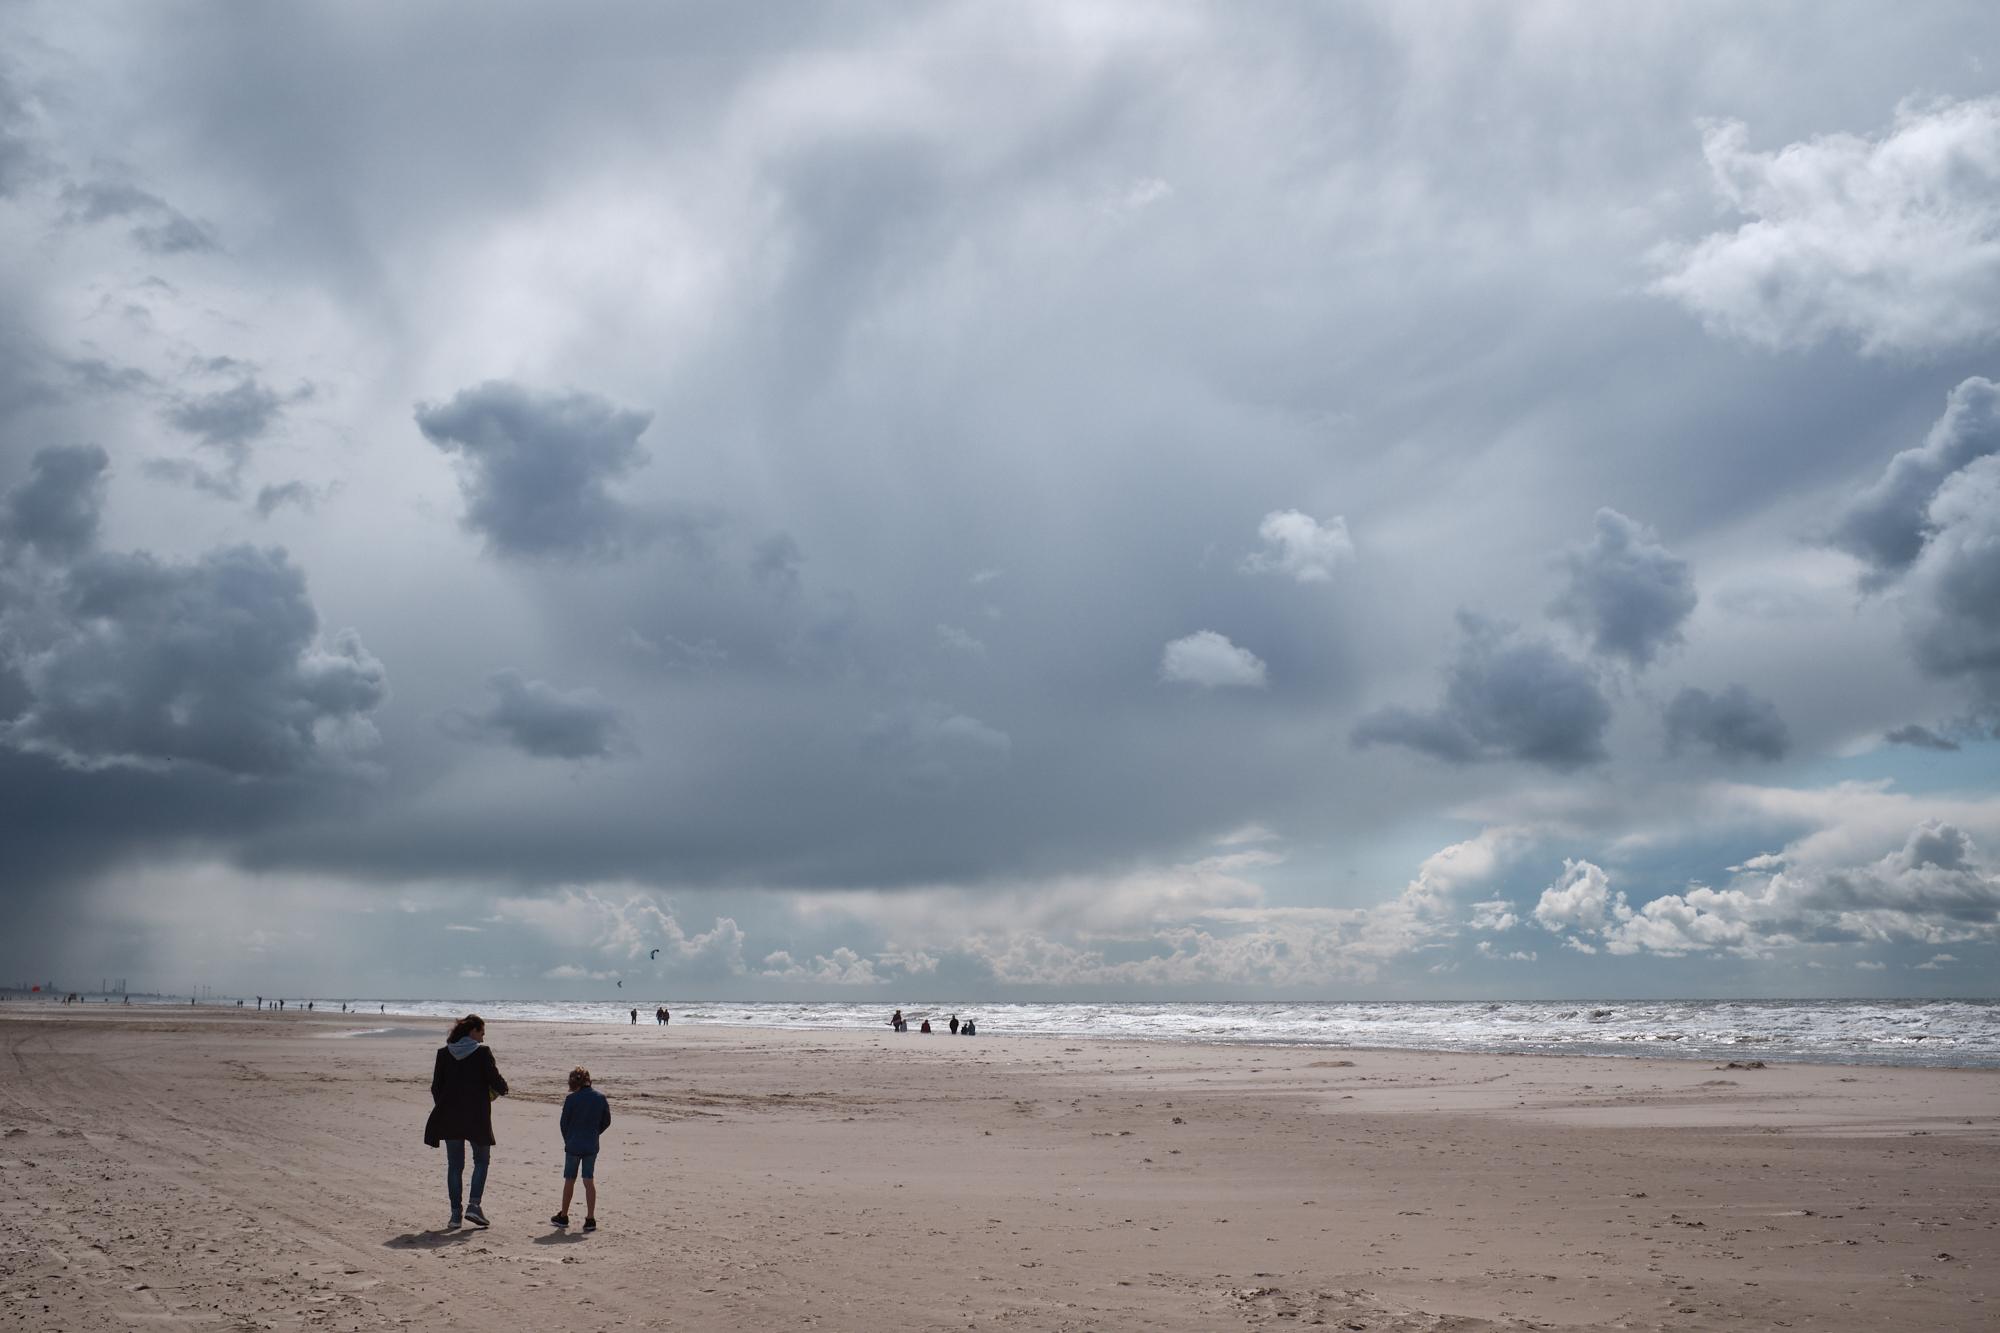 DSCF5816 - Beach.jpg